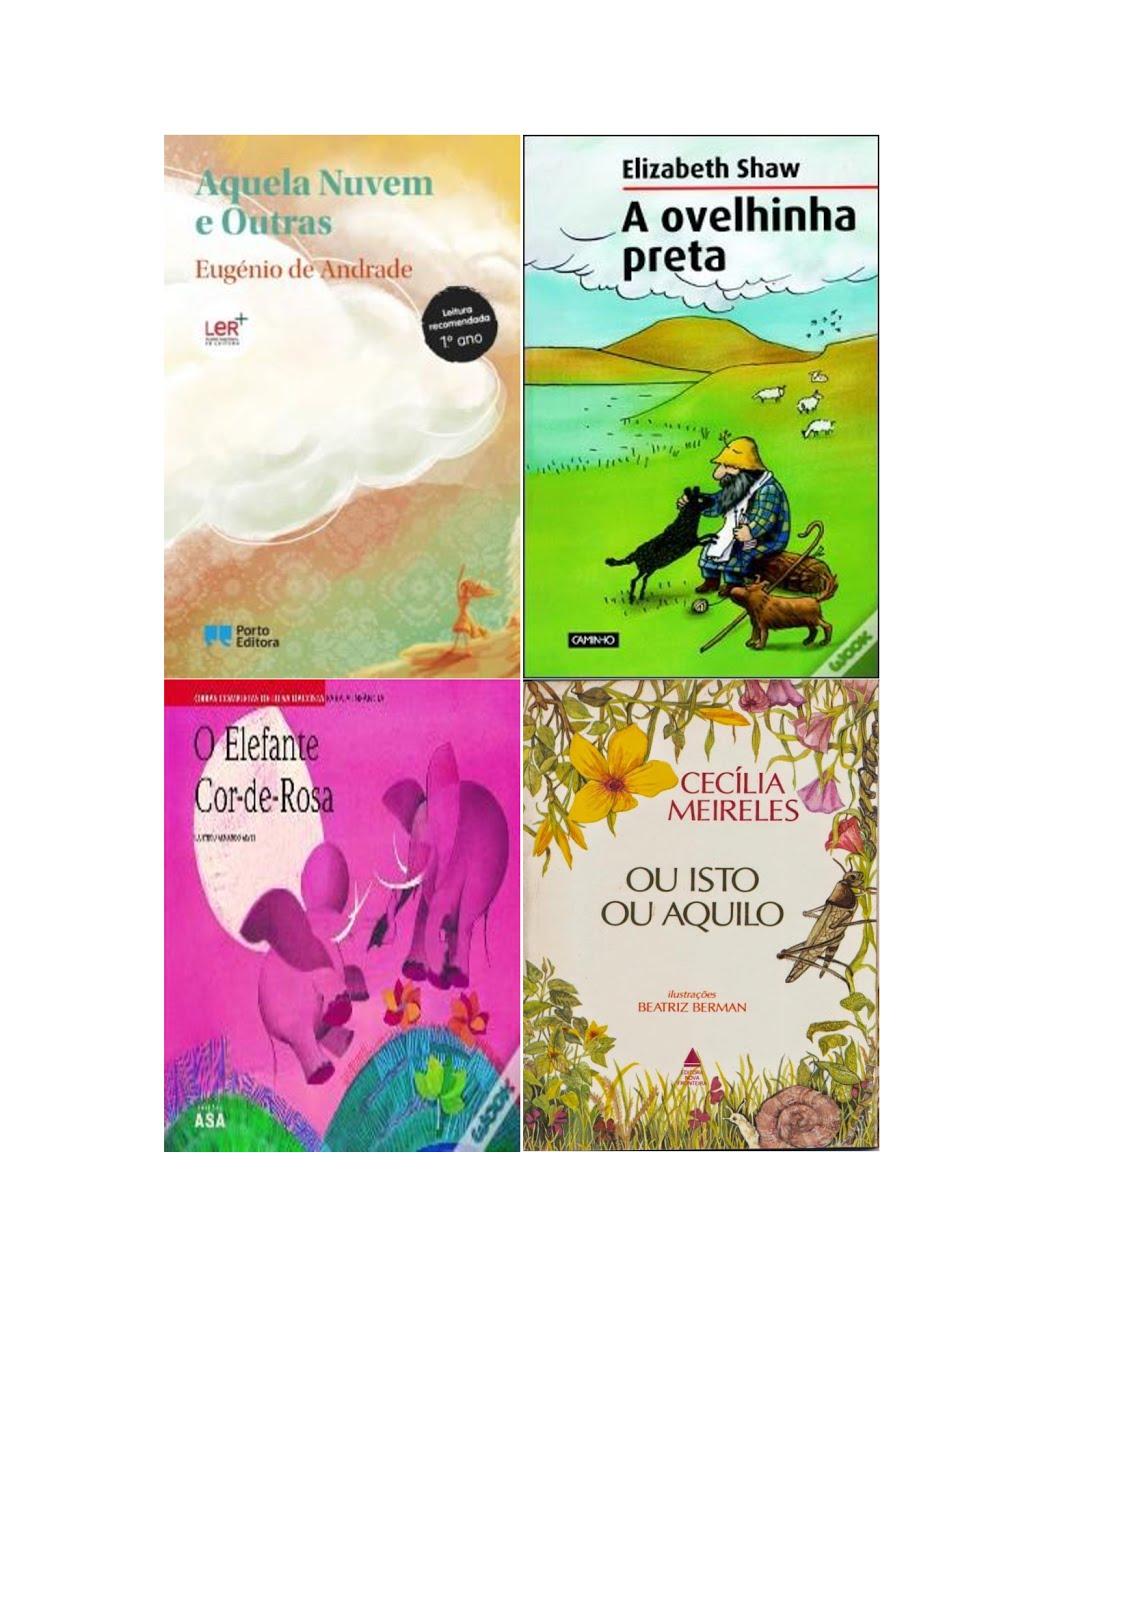 Livros recentes na Biblioteca - Ver Novidades